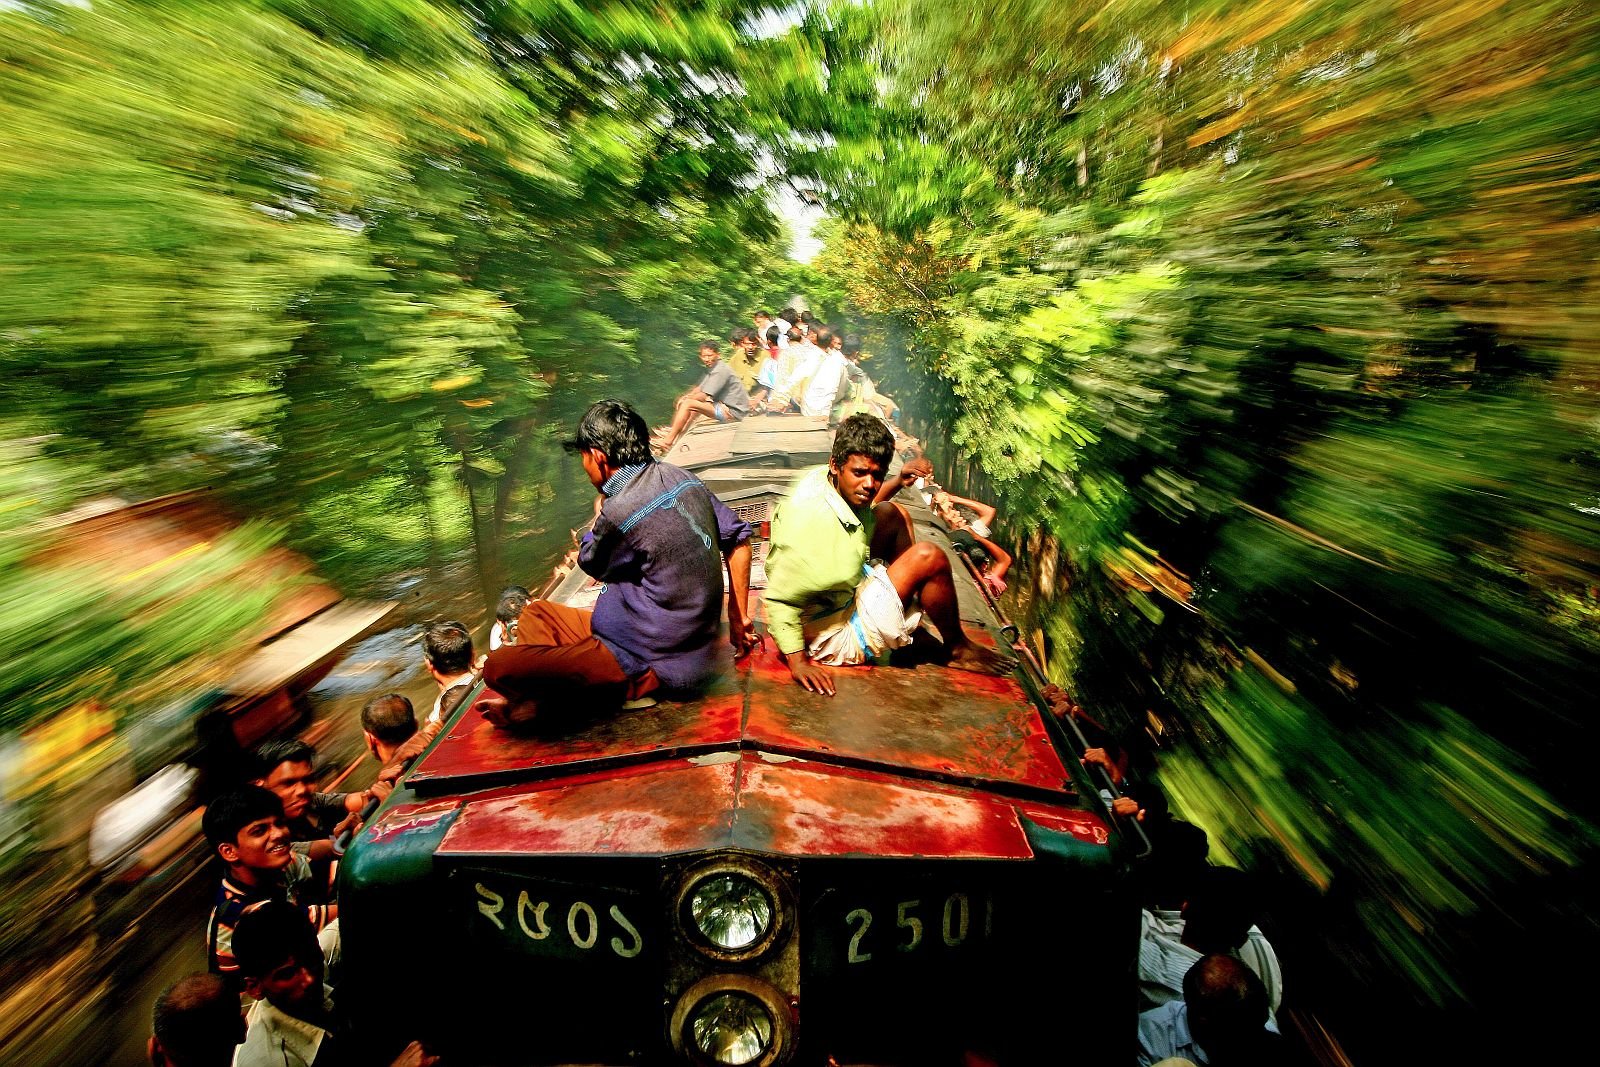 «Нема за що триматися». Перше місце в номінації «Подорожі людей». Фото: GMB Akash